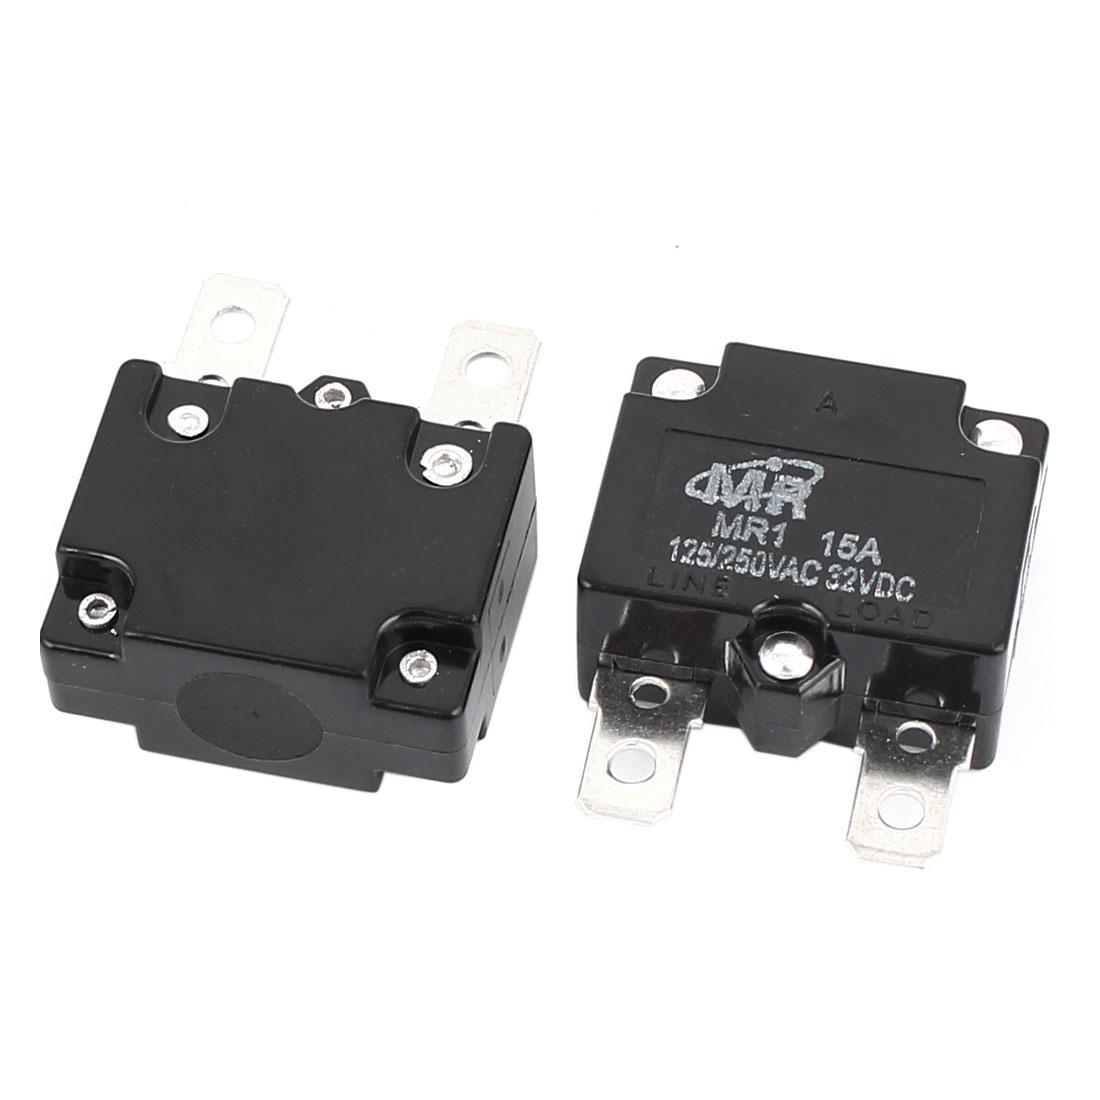 AC 125V/250V 15A NC Automatic Reset Overload Protector Circuit Breaker 2Pcs